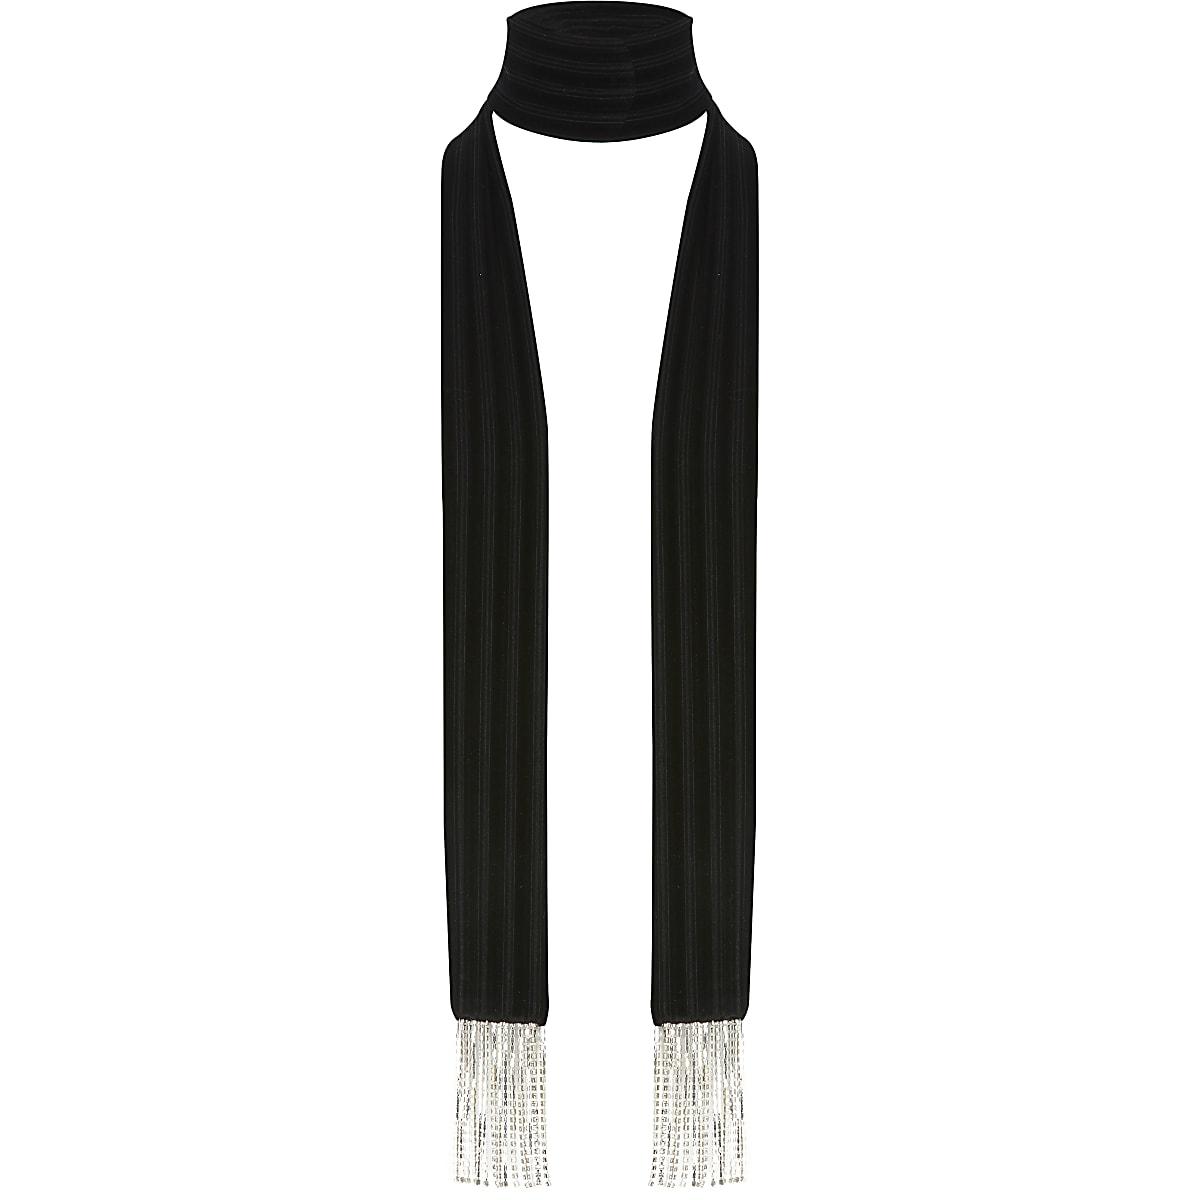 Zwarte fluwelen smalle sjaal met kwastjes met siersteentjes